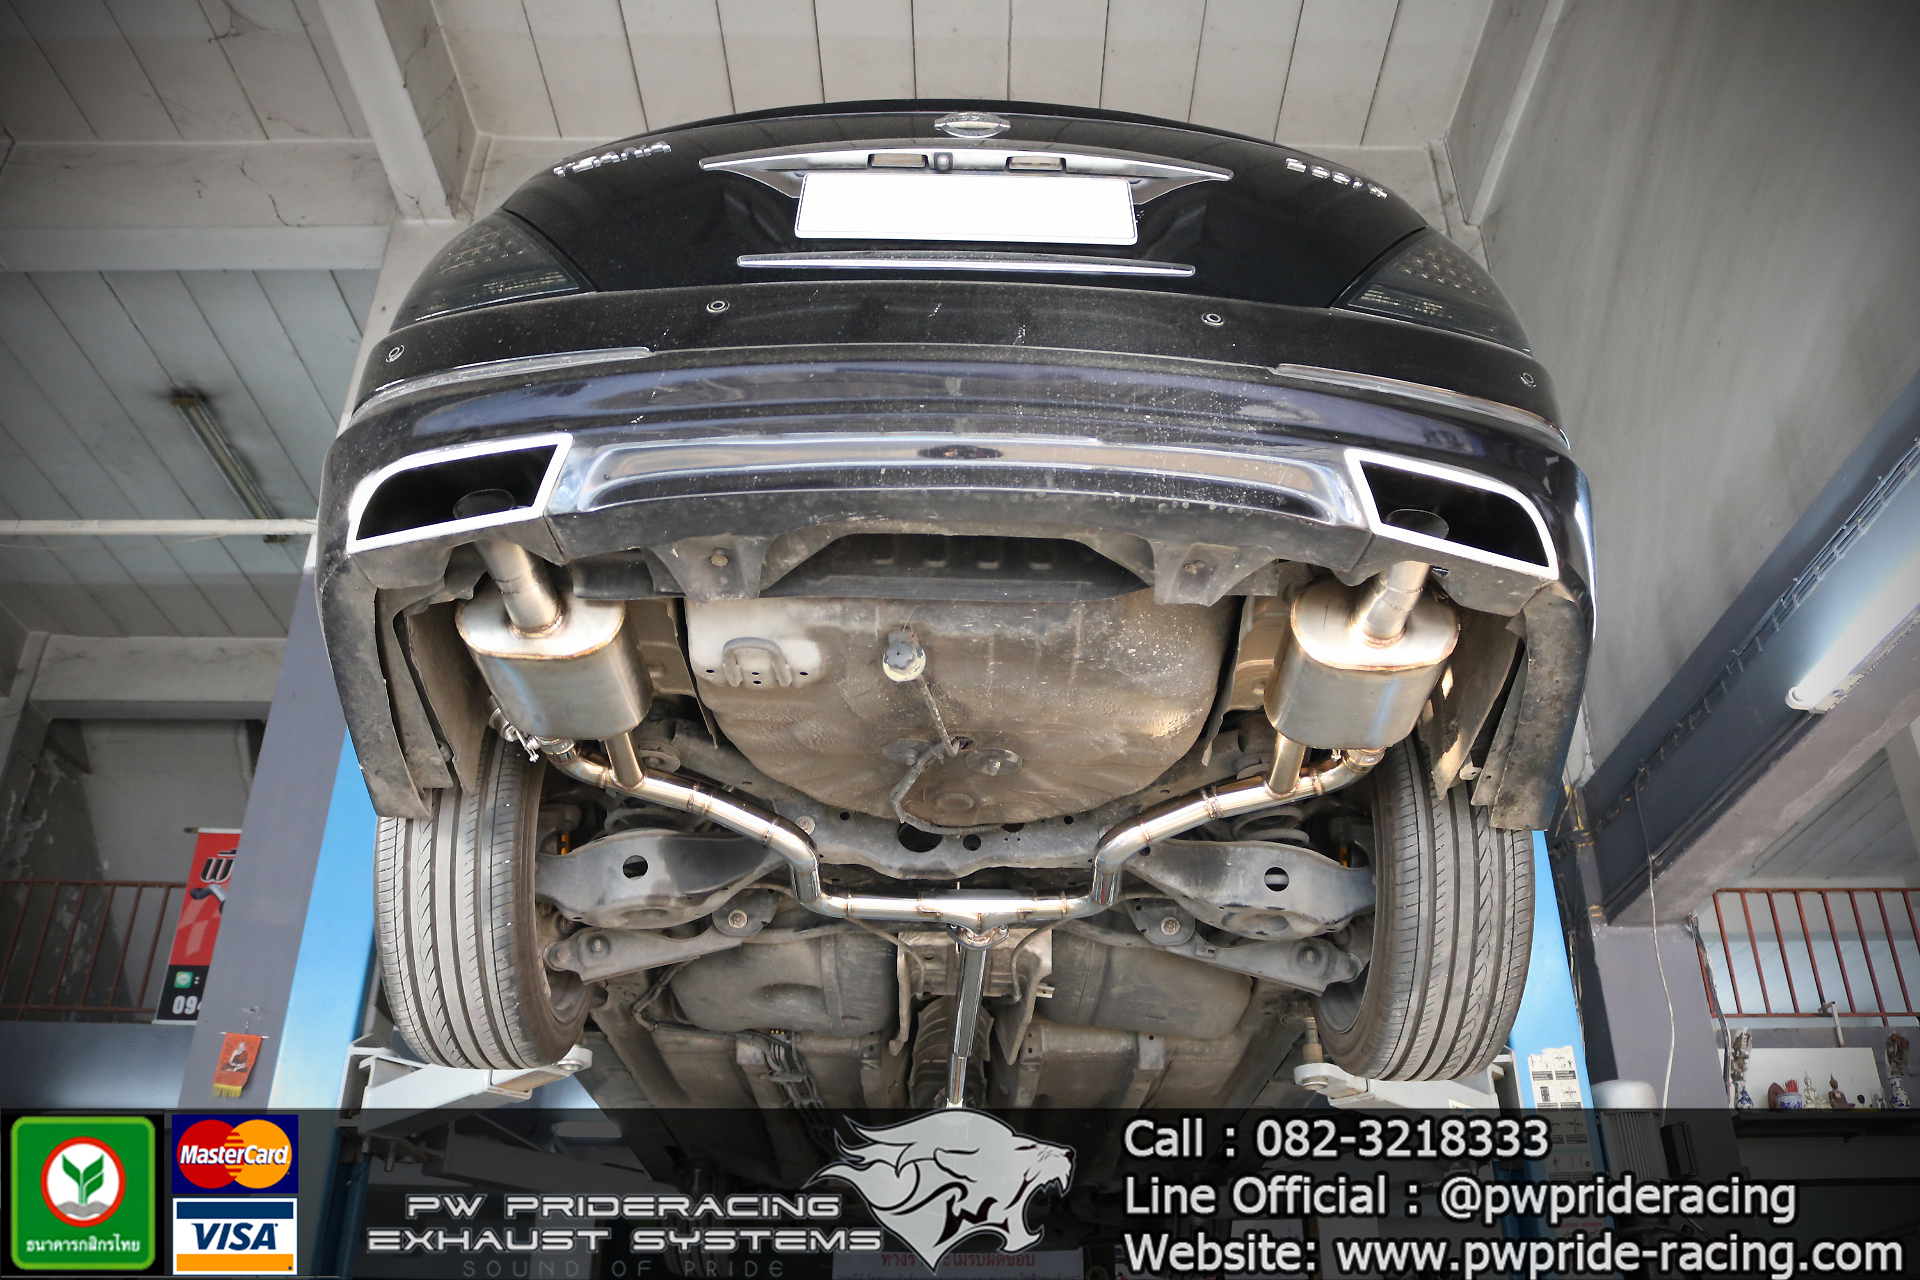 ชุดท่อไอเสีย Nissan Teana Valvetronic Exhaust System by PW PrideRacing